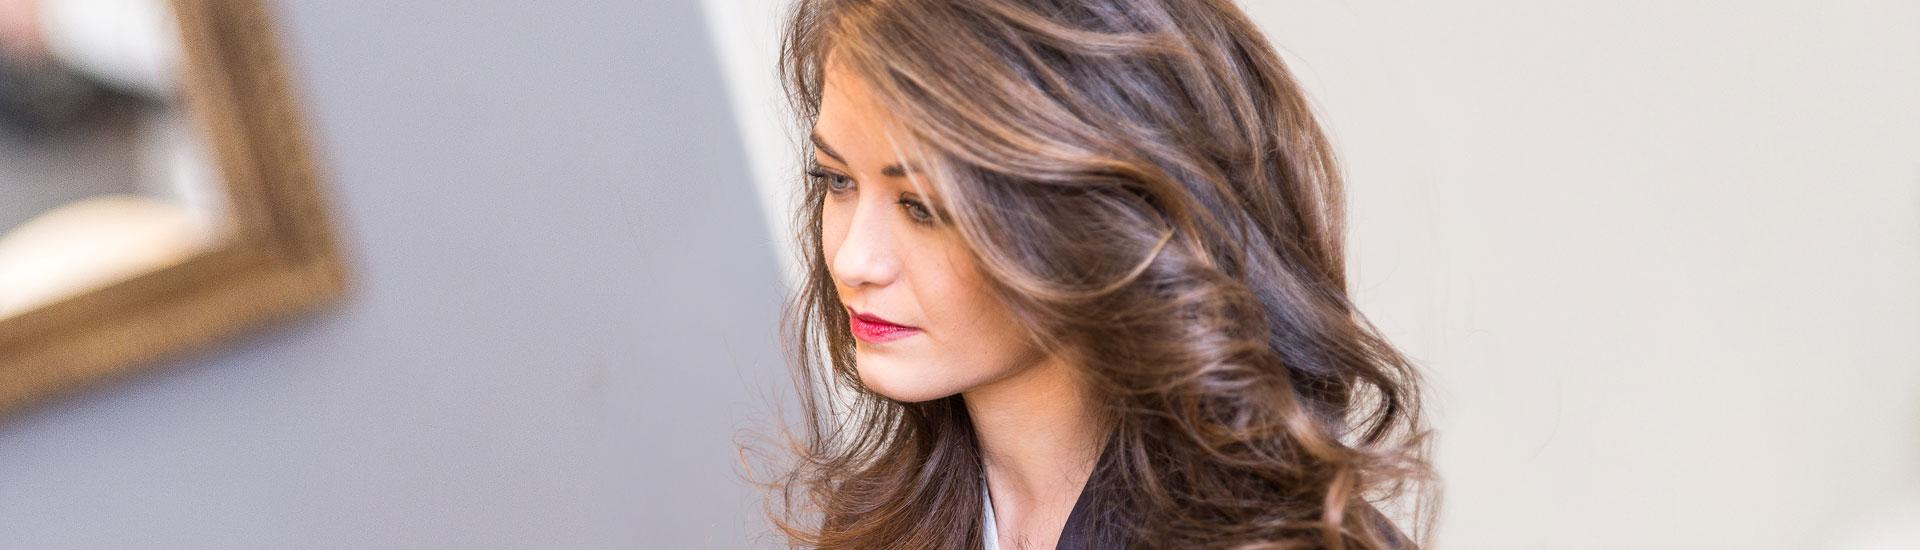 Lissage francais salon de coiffure le 20 boissi re paris 75016 - Salon de coiffure qui recherche apprenti ...